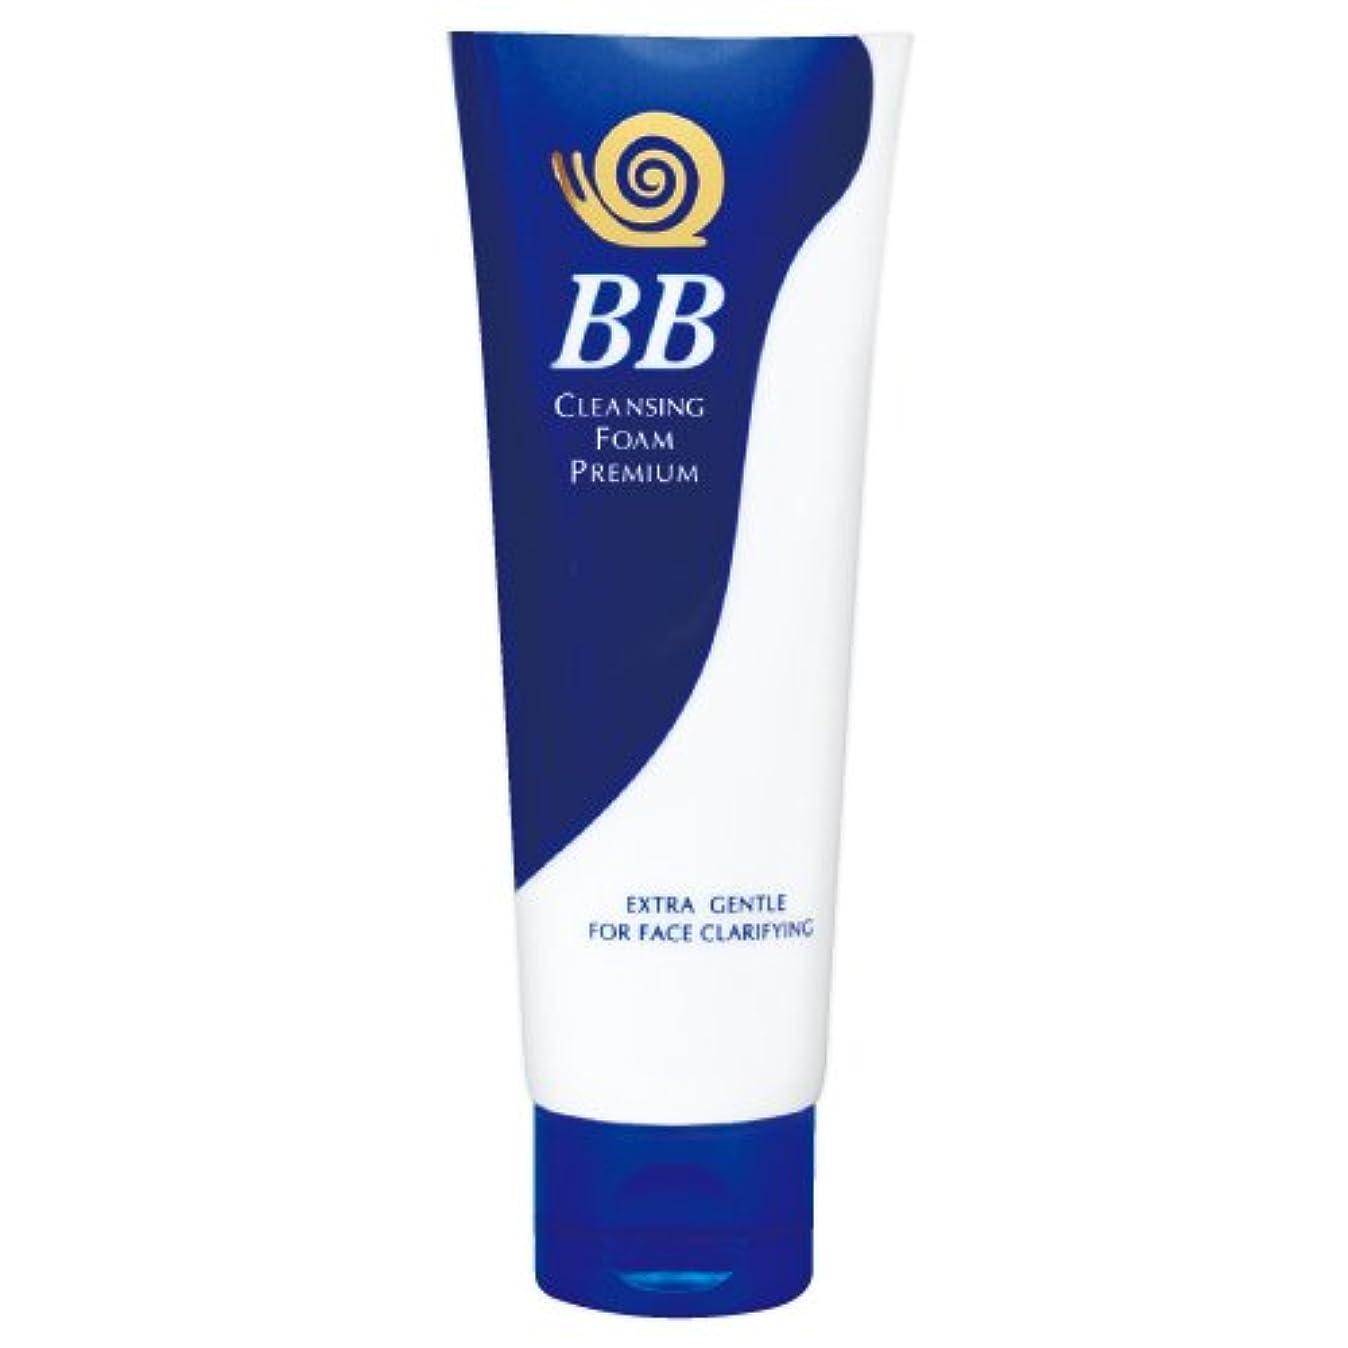 数マッシュ気づくなるB&S 極上 かたつむり BB 洗顔フォーム (プレミアム) 100g [並行輸入品]